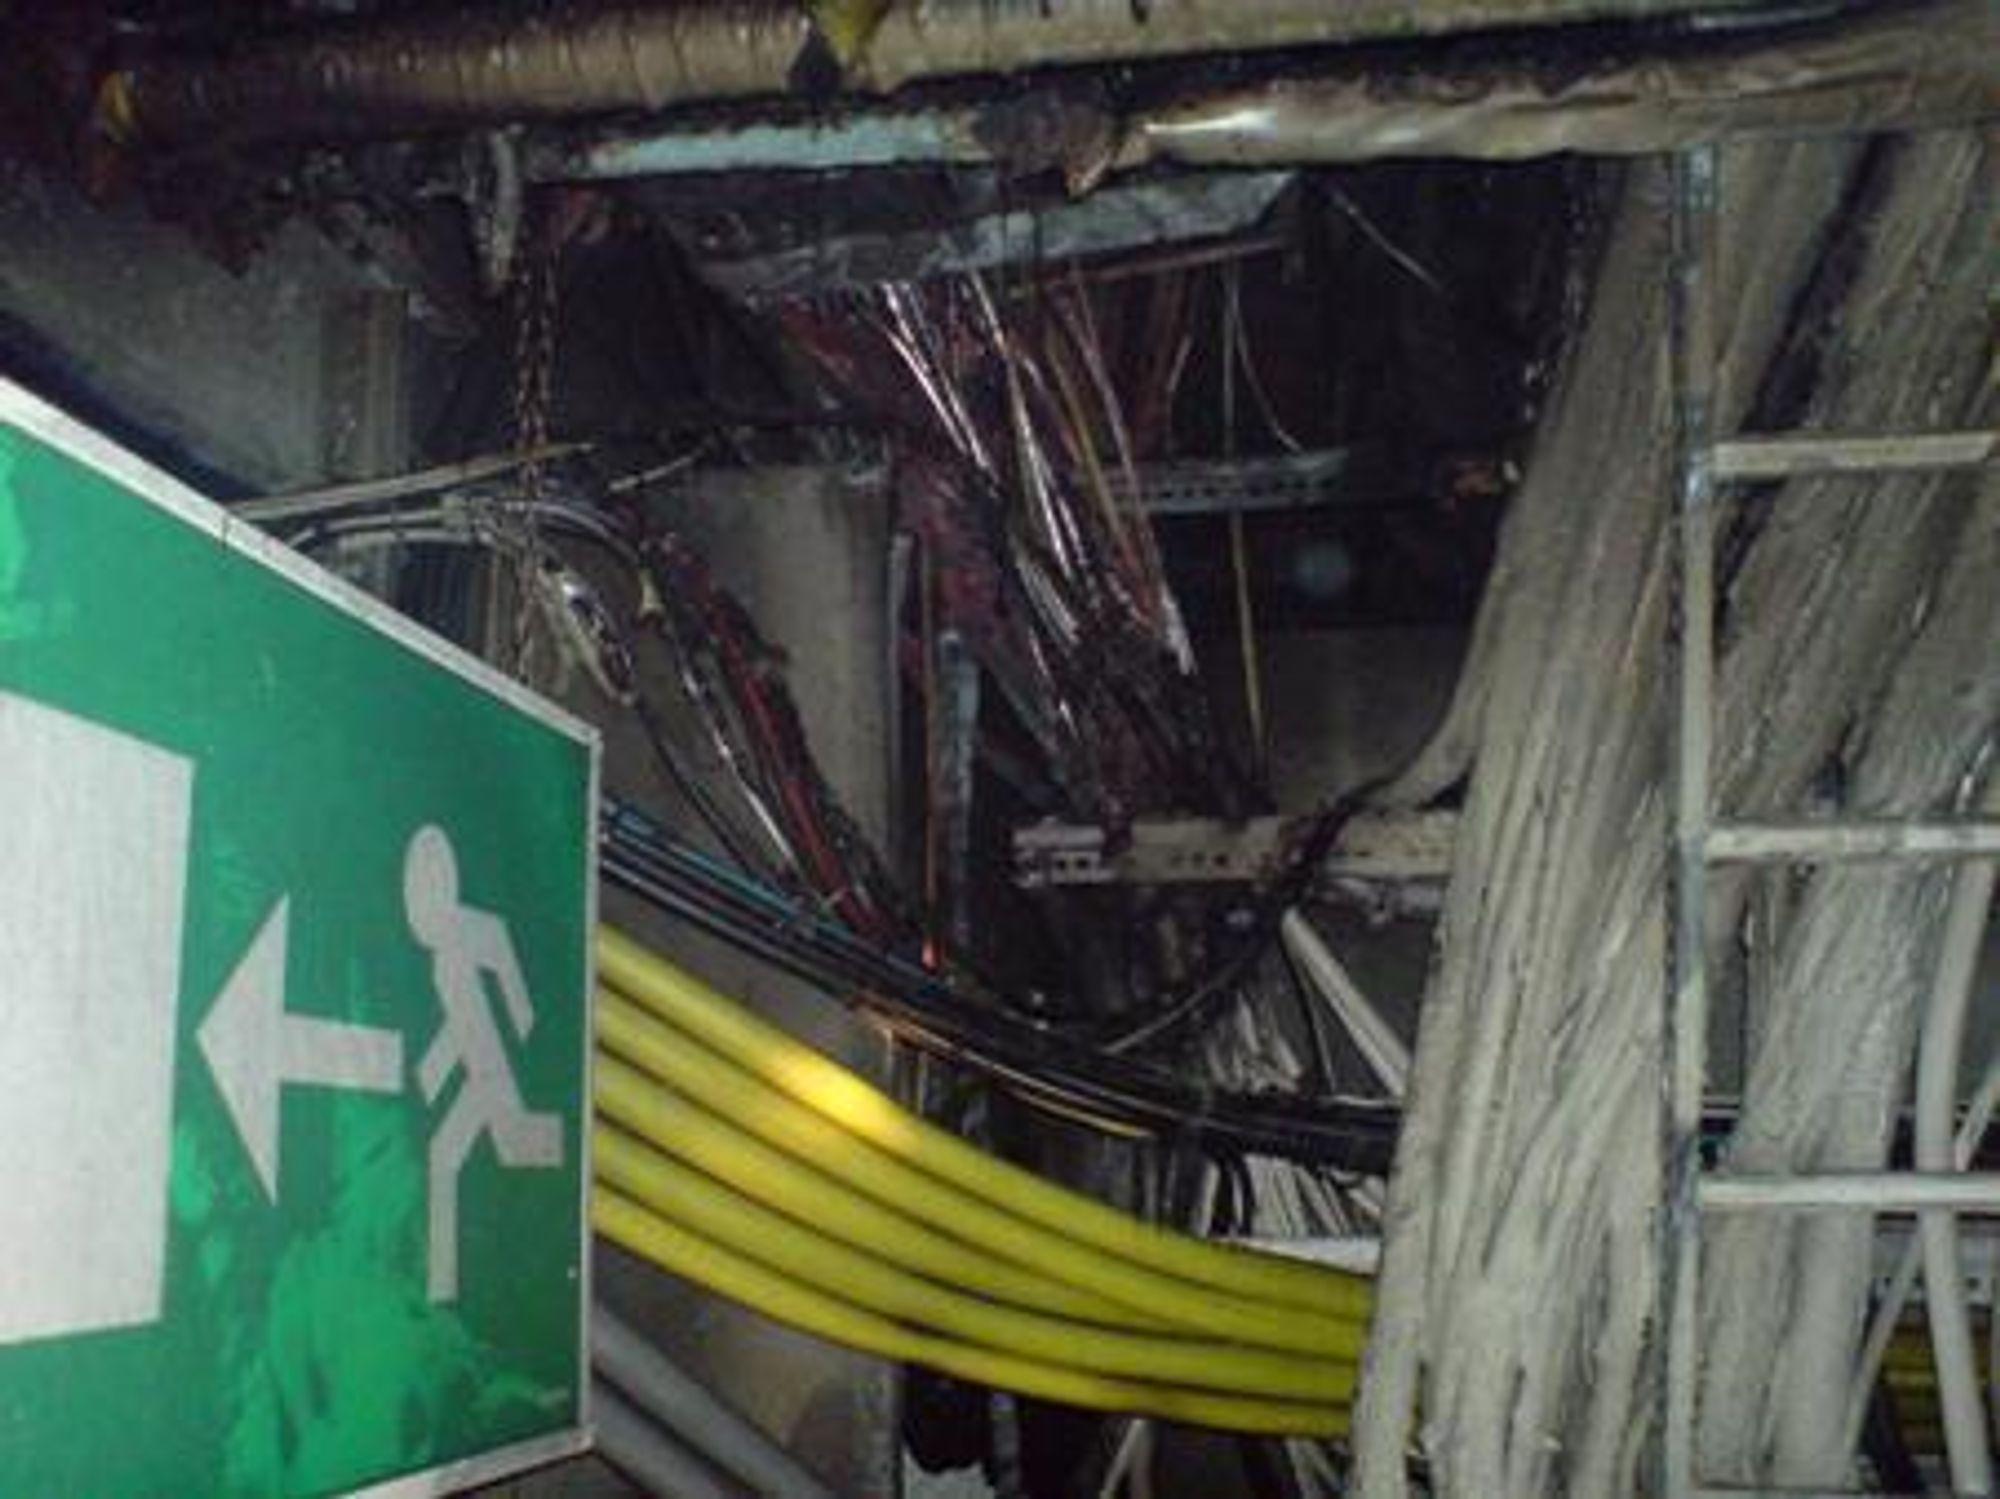 Det var en svært kraftig brann i Hafslunds høyspentkabler under Oslo S natt til onsdag. Brannen førte også til store skader på andre typer kabler i samme område.